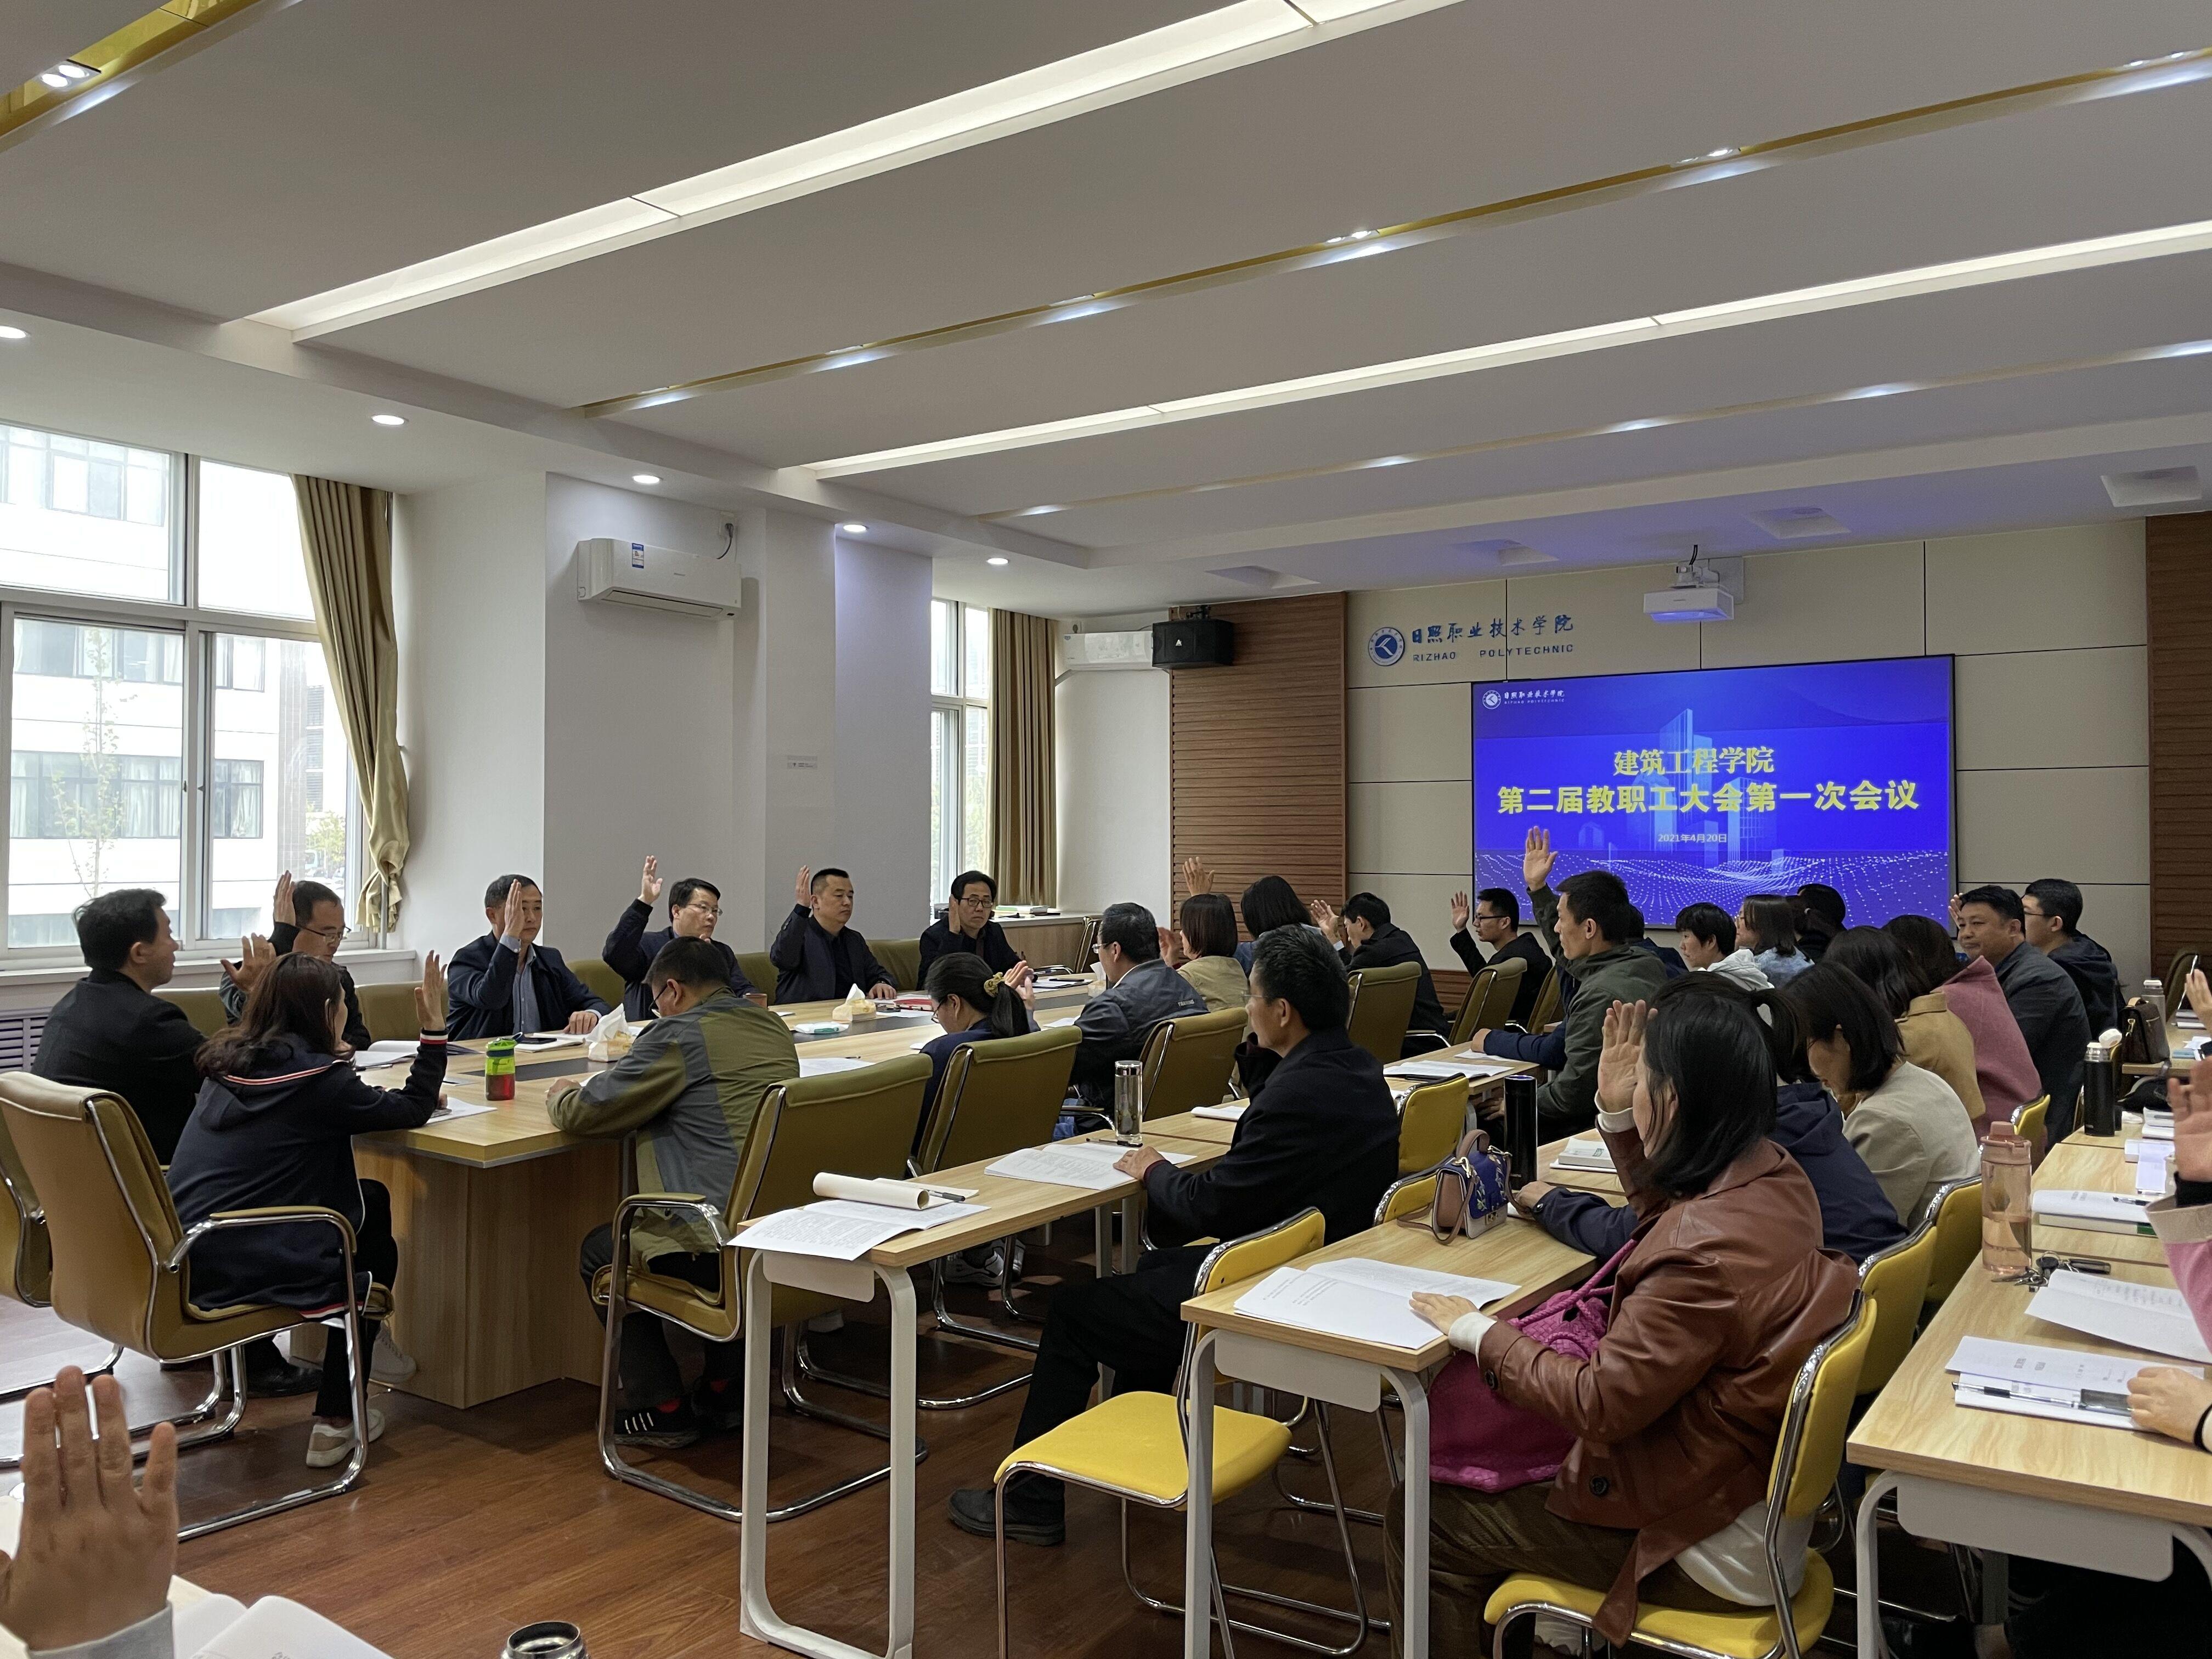 建筑工程学院召开第二届教职工大会...